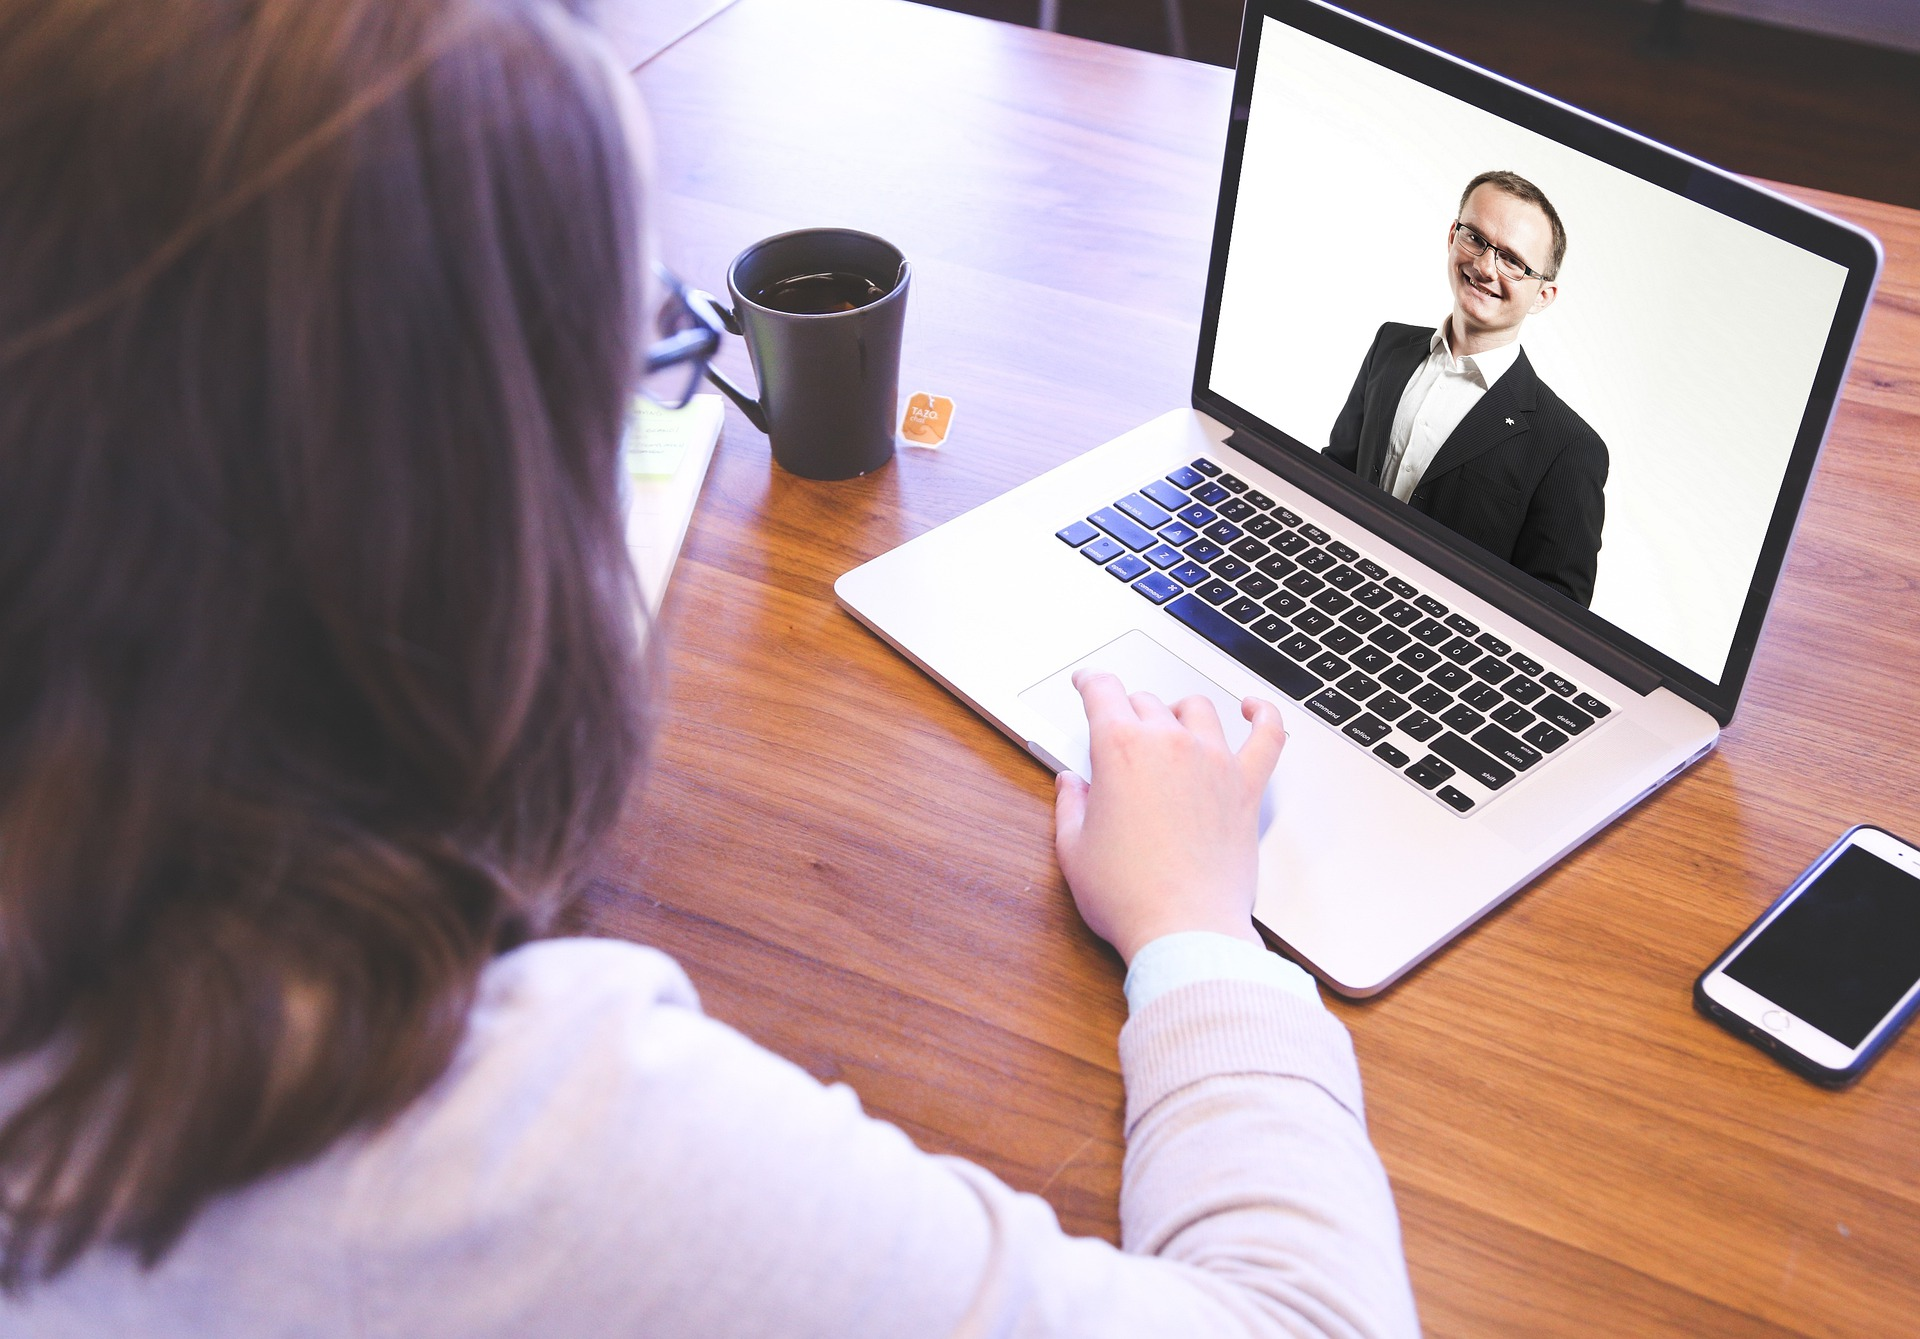 5 preguntas a considerar en una entrevista laboral